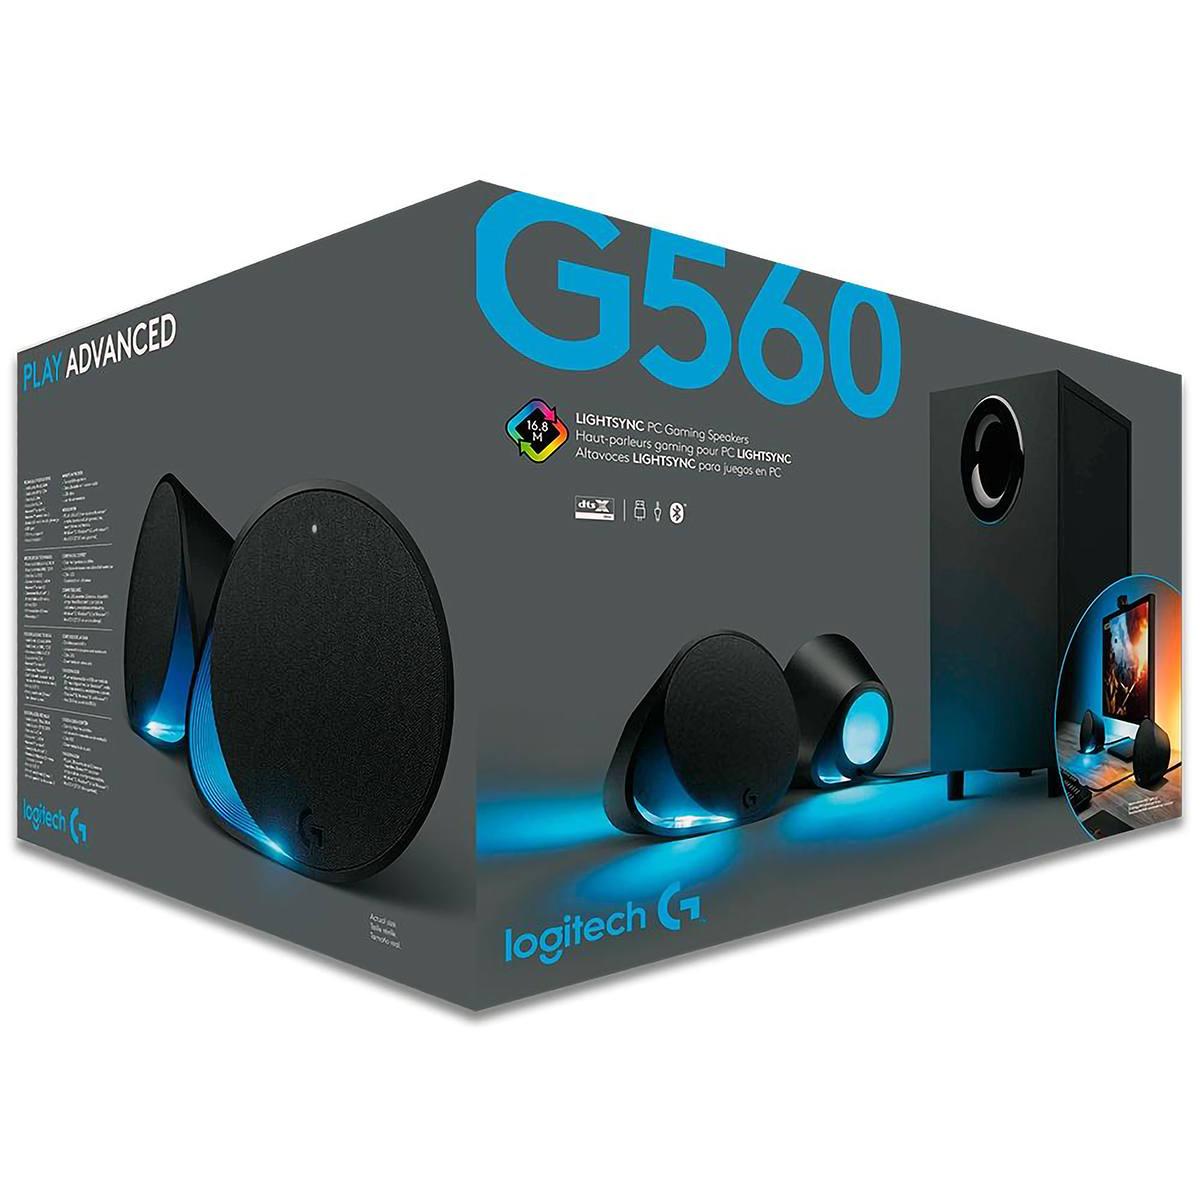 Caixa De Som Gamer Logitech G560 240W Ultra Surround Tecnologia RGB Lightsync Conexões Bluetooth Usb P3 980-001310